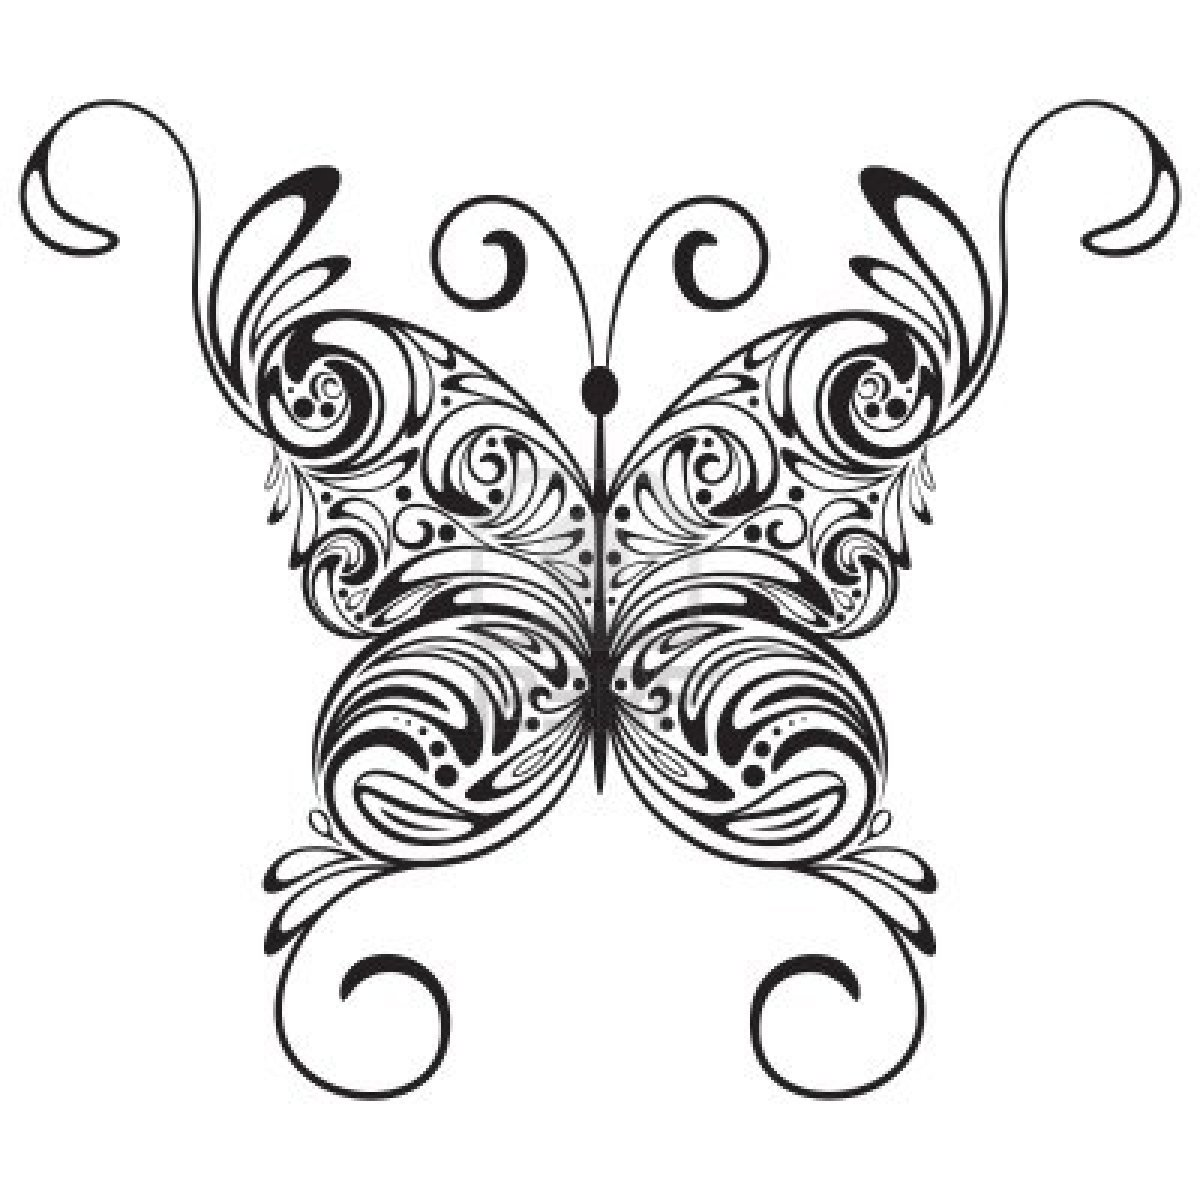 Disegni Da Colorare Bianco E Nero Tumblr Migliori Pagine Da